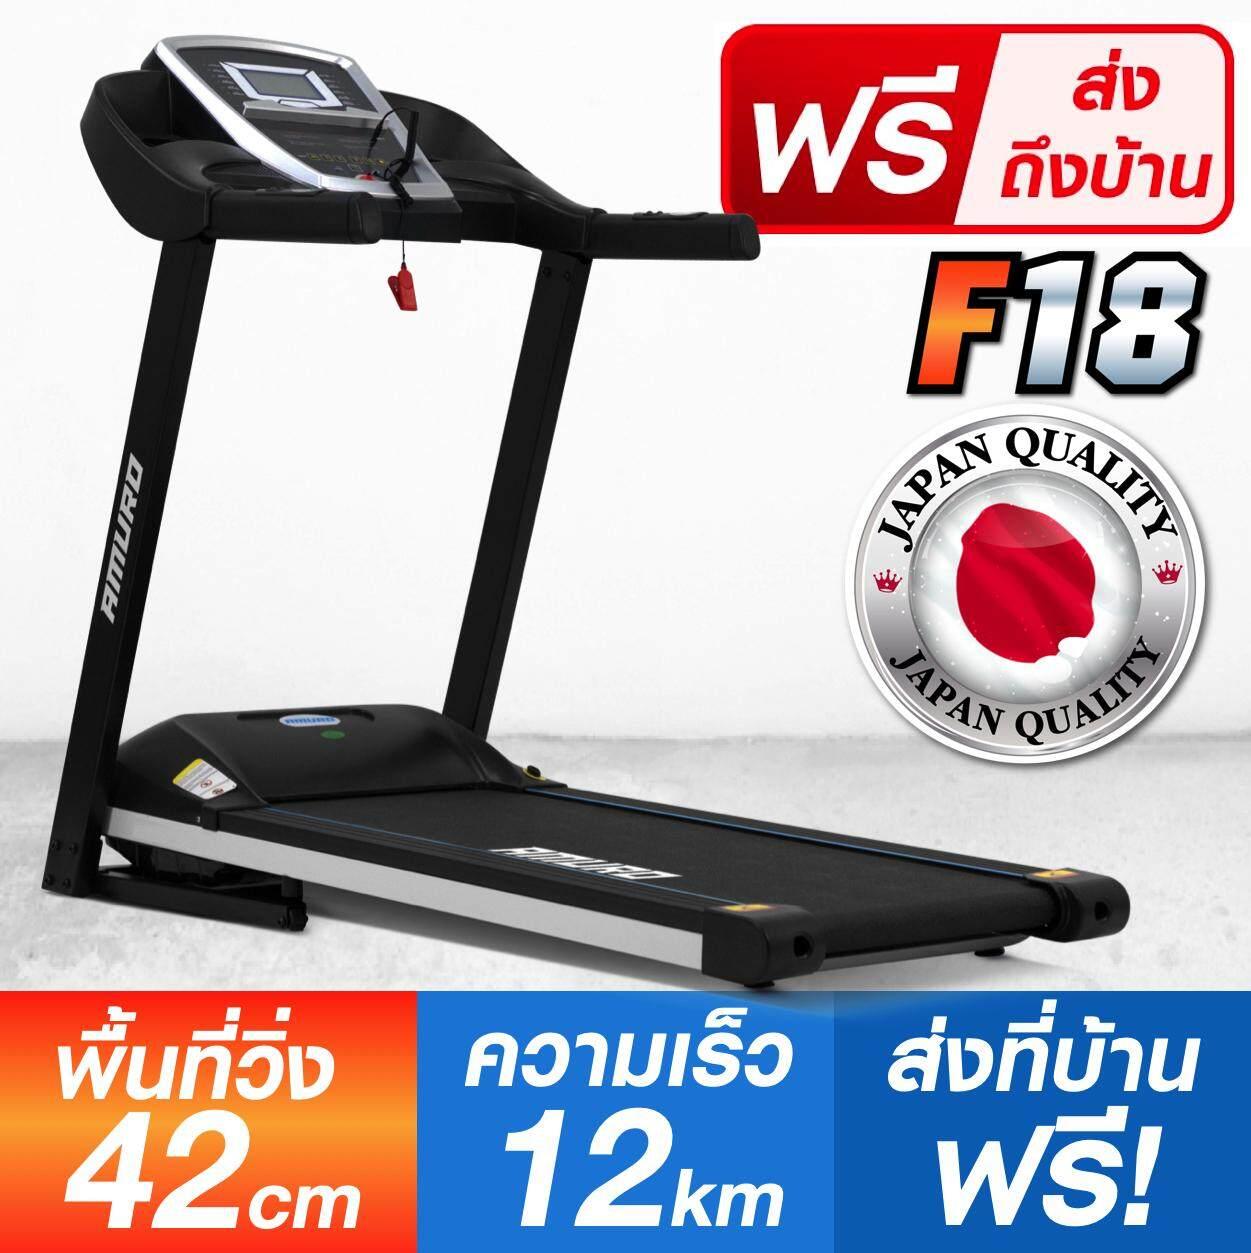 สุดยอดสินค้า!! ลู่วิ่งไฟฟ้า 2.5 แรงม้า AMURO Treadmill ฟังเพลงได้ เชื่อมต่อมือถือ รุ่น F18